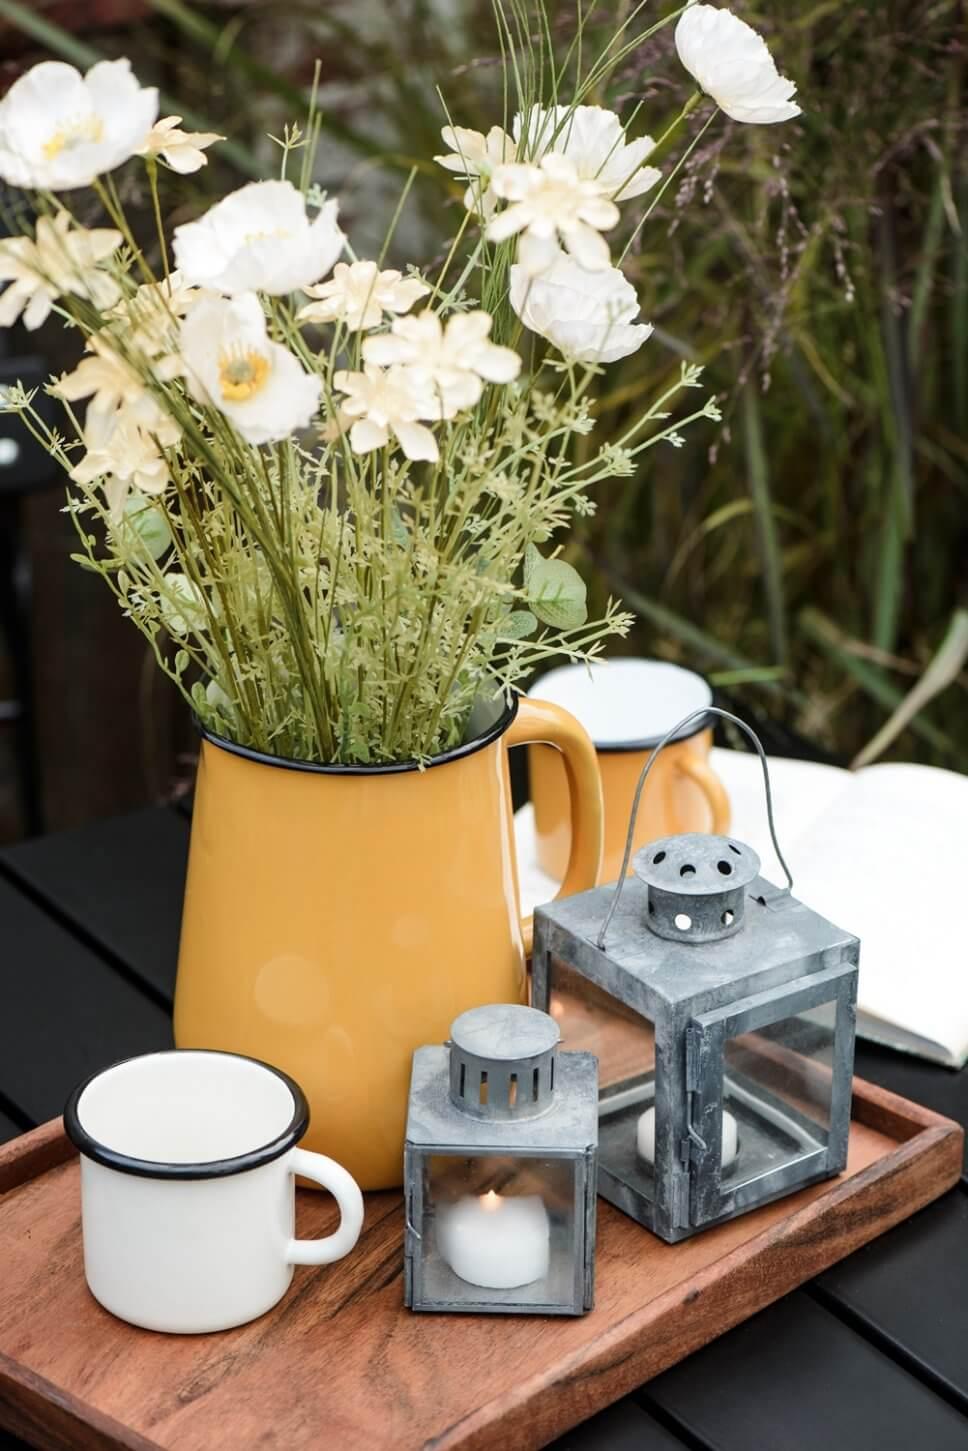 Blumen im Emaille-Krug, Zink-Laternen und Becher auf Holztablett